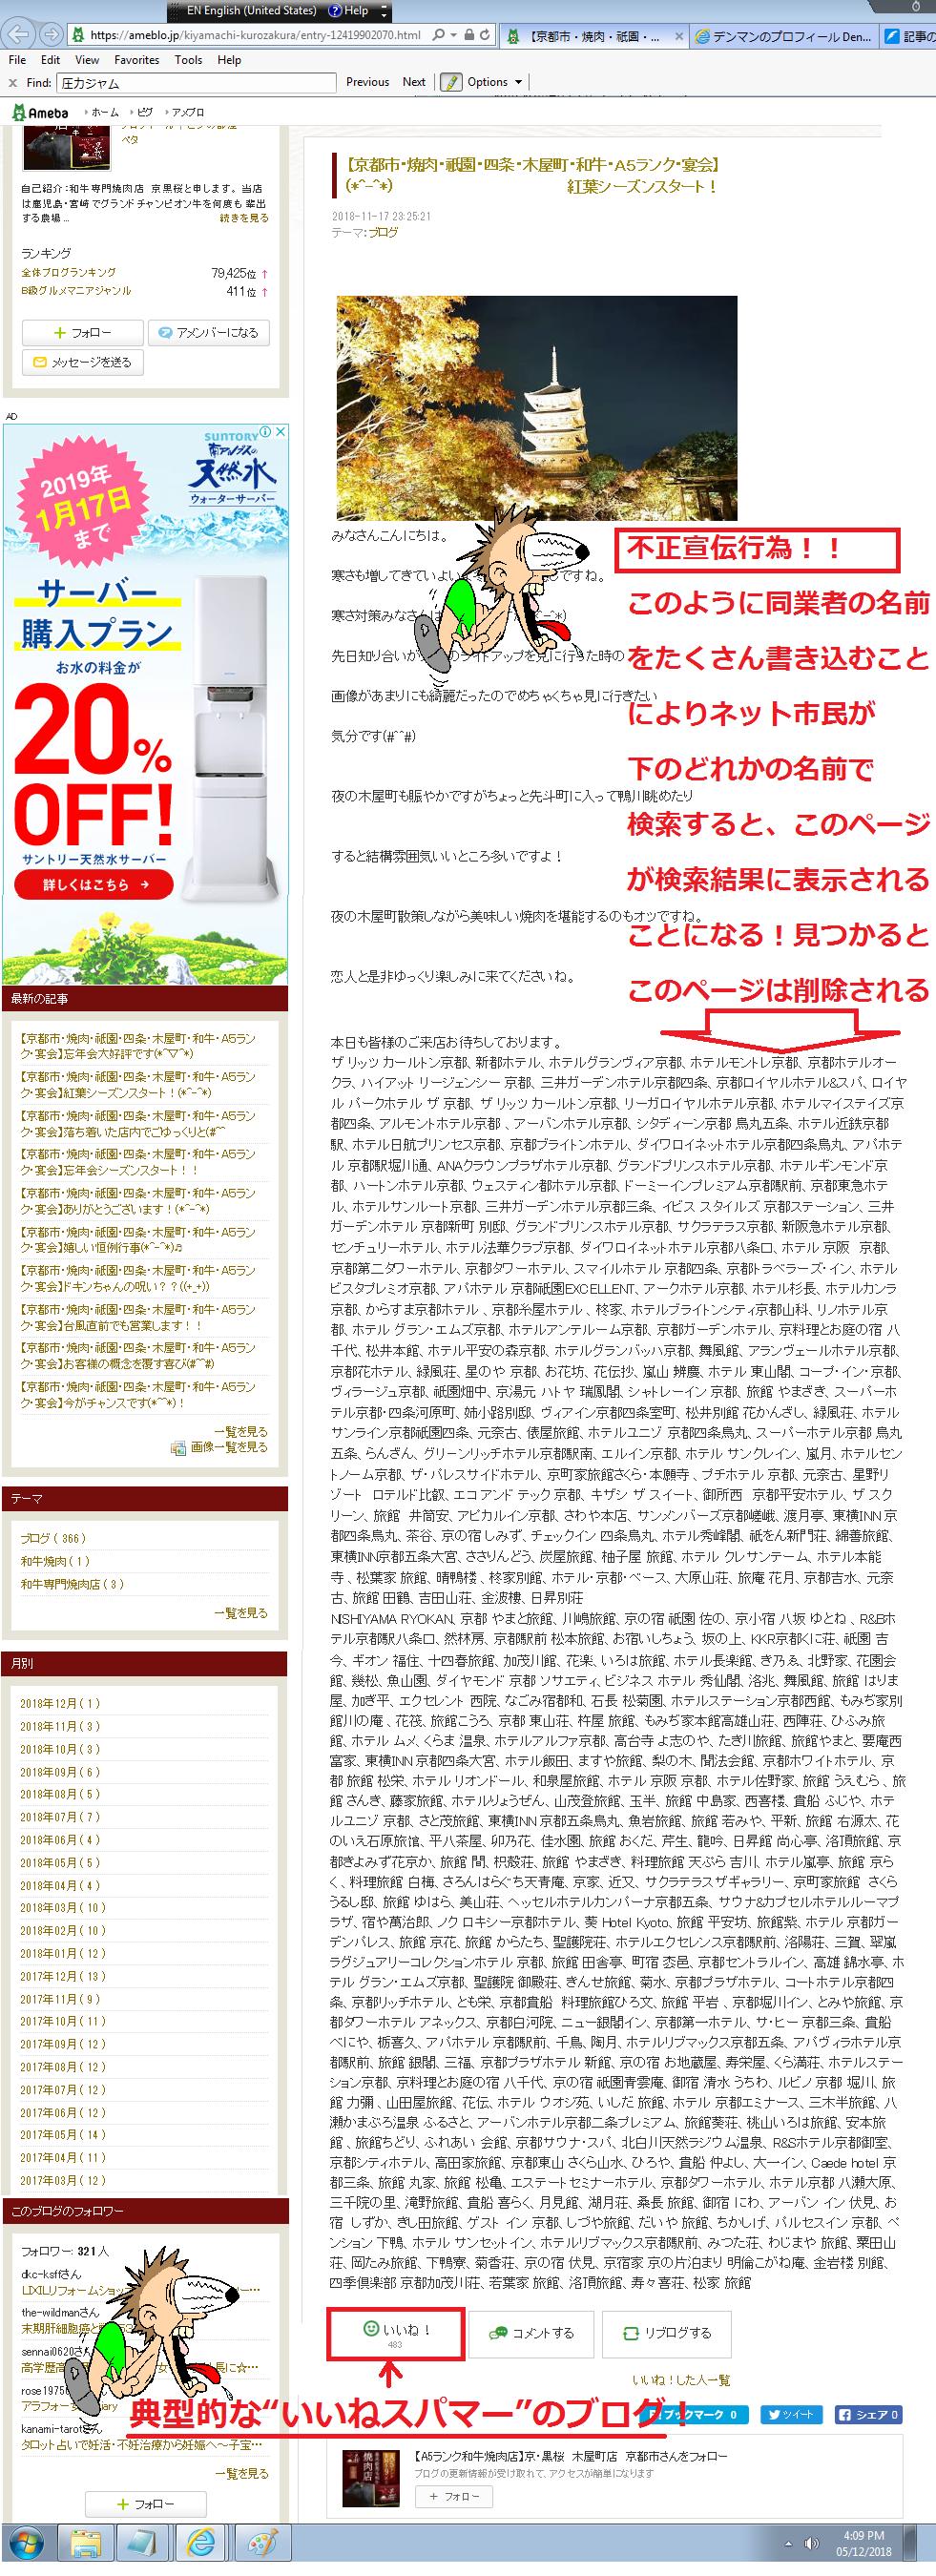 スクリーンショット チュンチュンが作成した悪徳ブログの記事 いいねスパマー ネットの嫌われ者